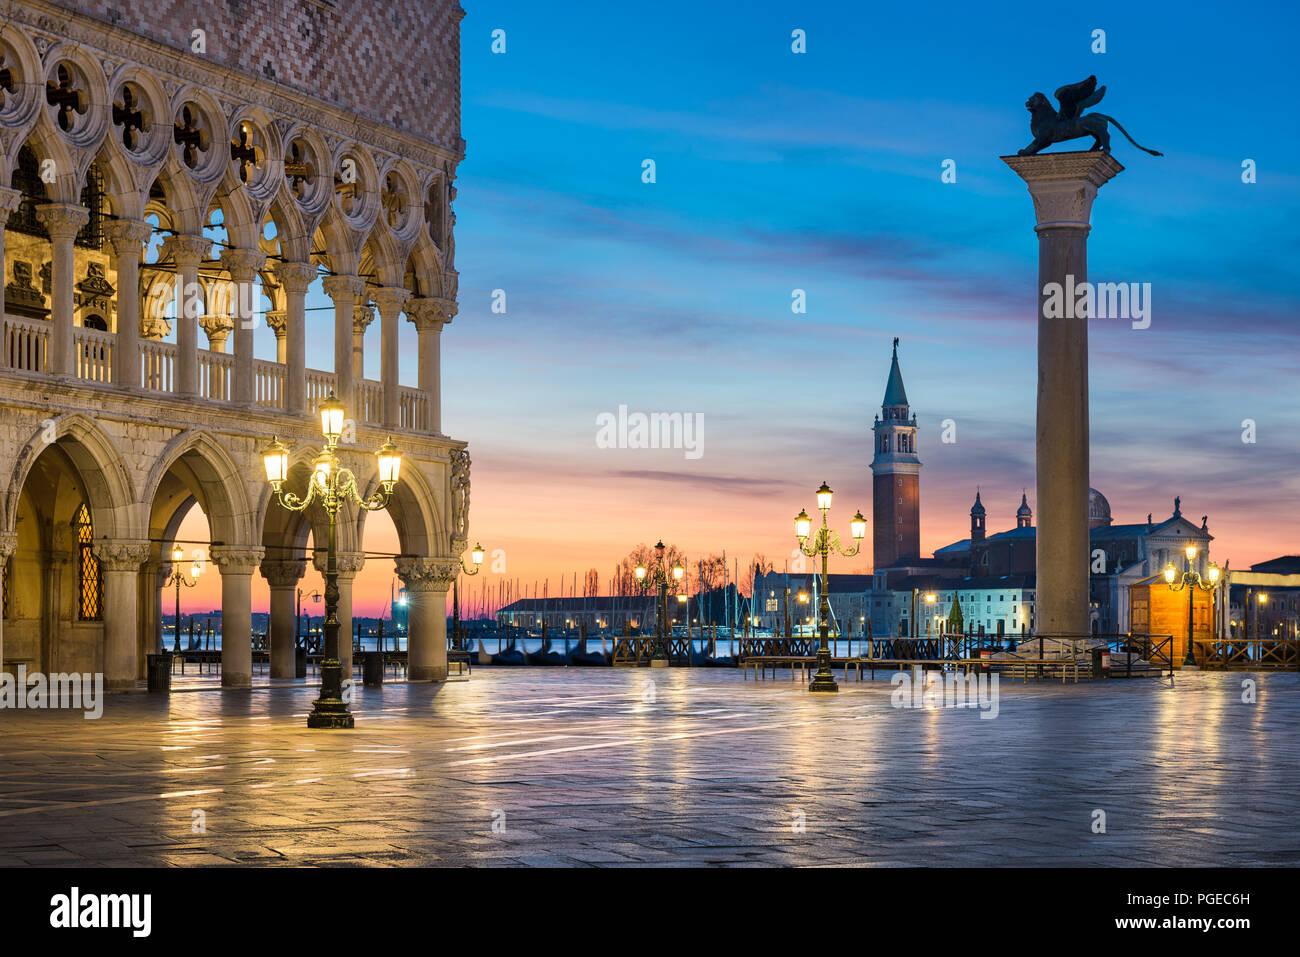 La famosa plaza de San Marcos en la noche en Venecia, Italia Imagen De Stock